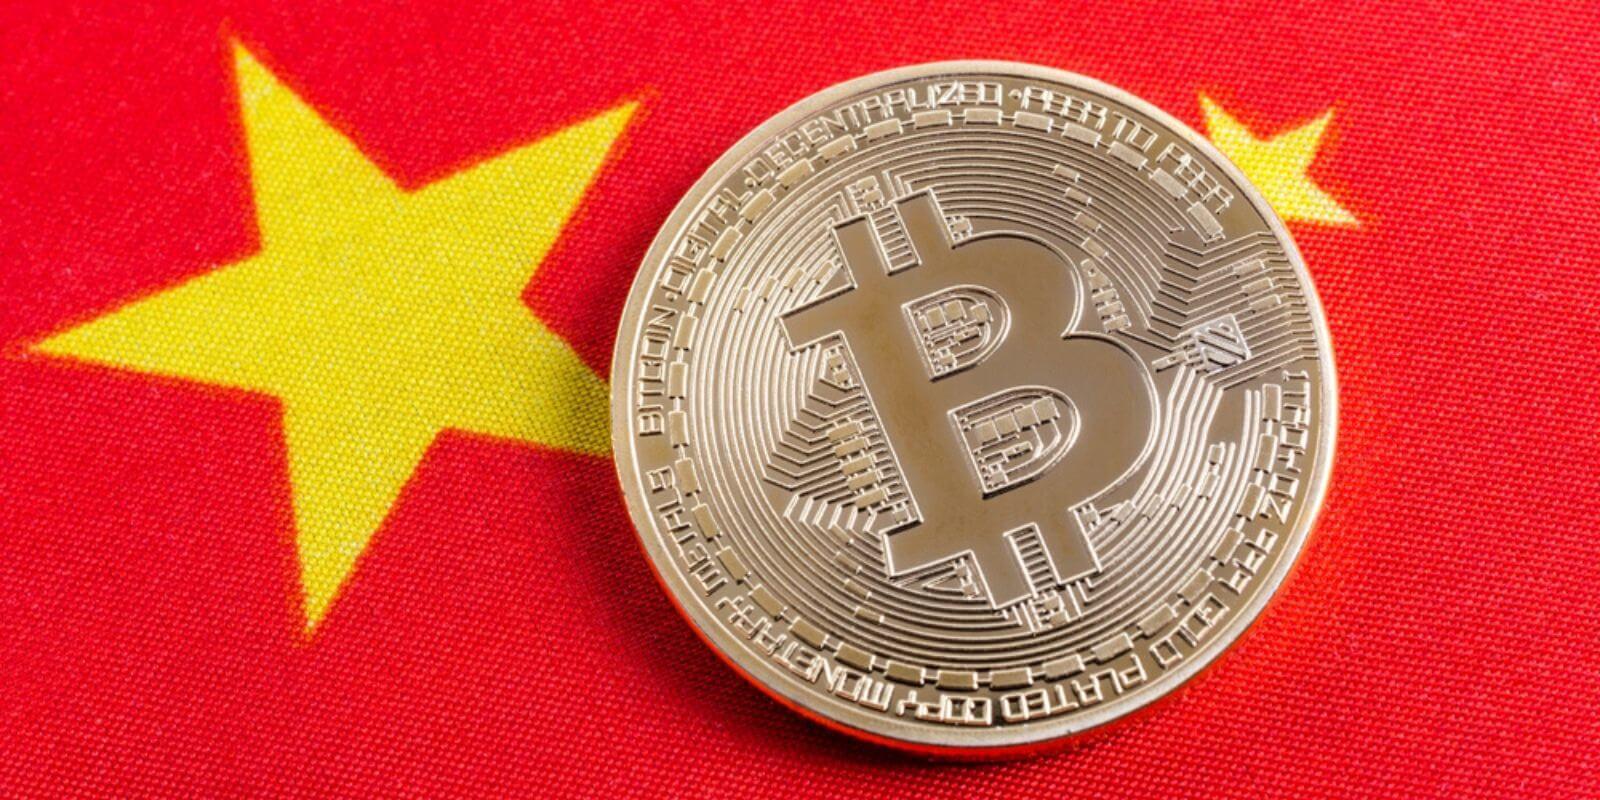 Étude: les mineurs chinois contrôlent maintenant 66% du hashrate du Bitcoin